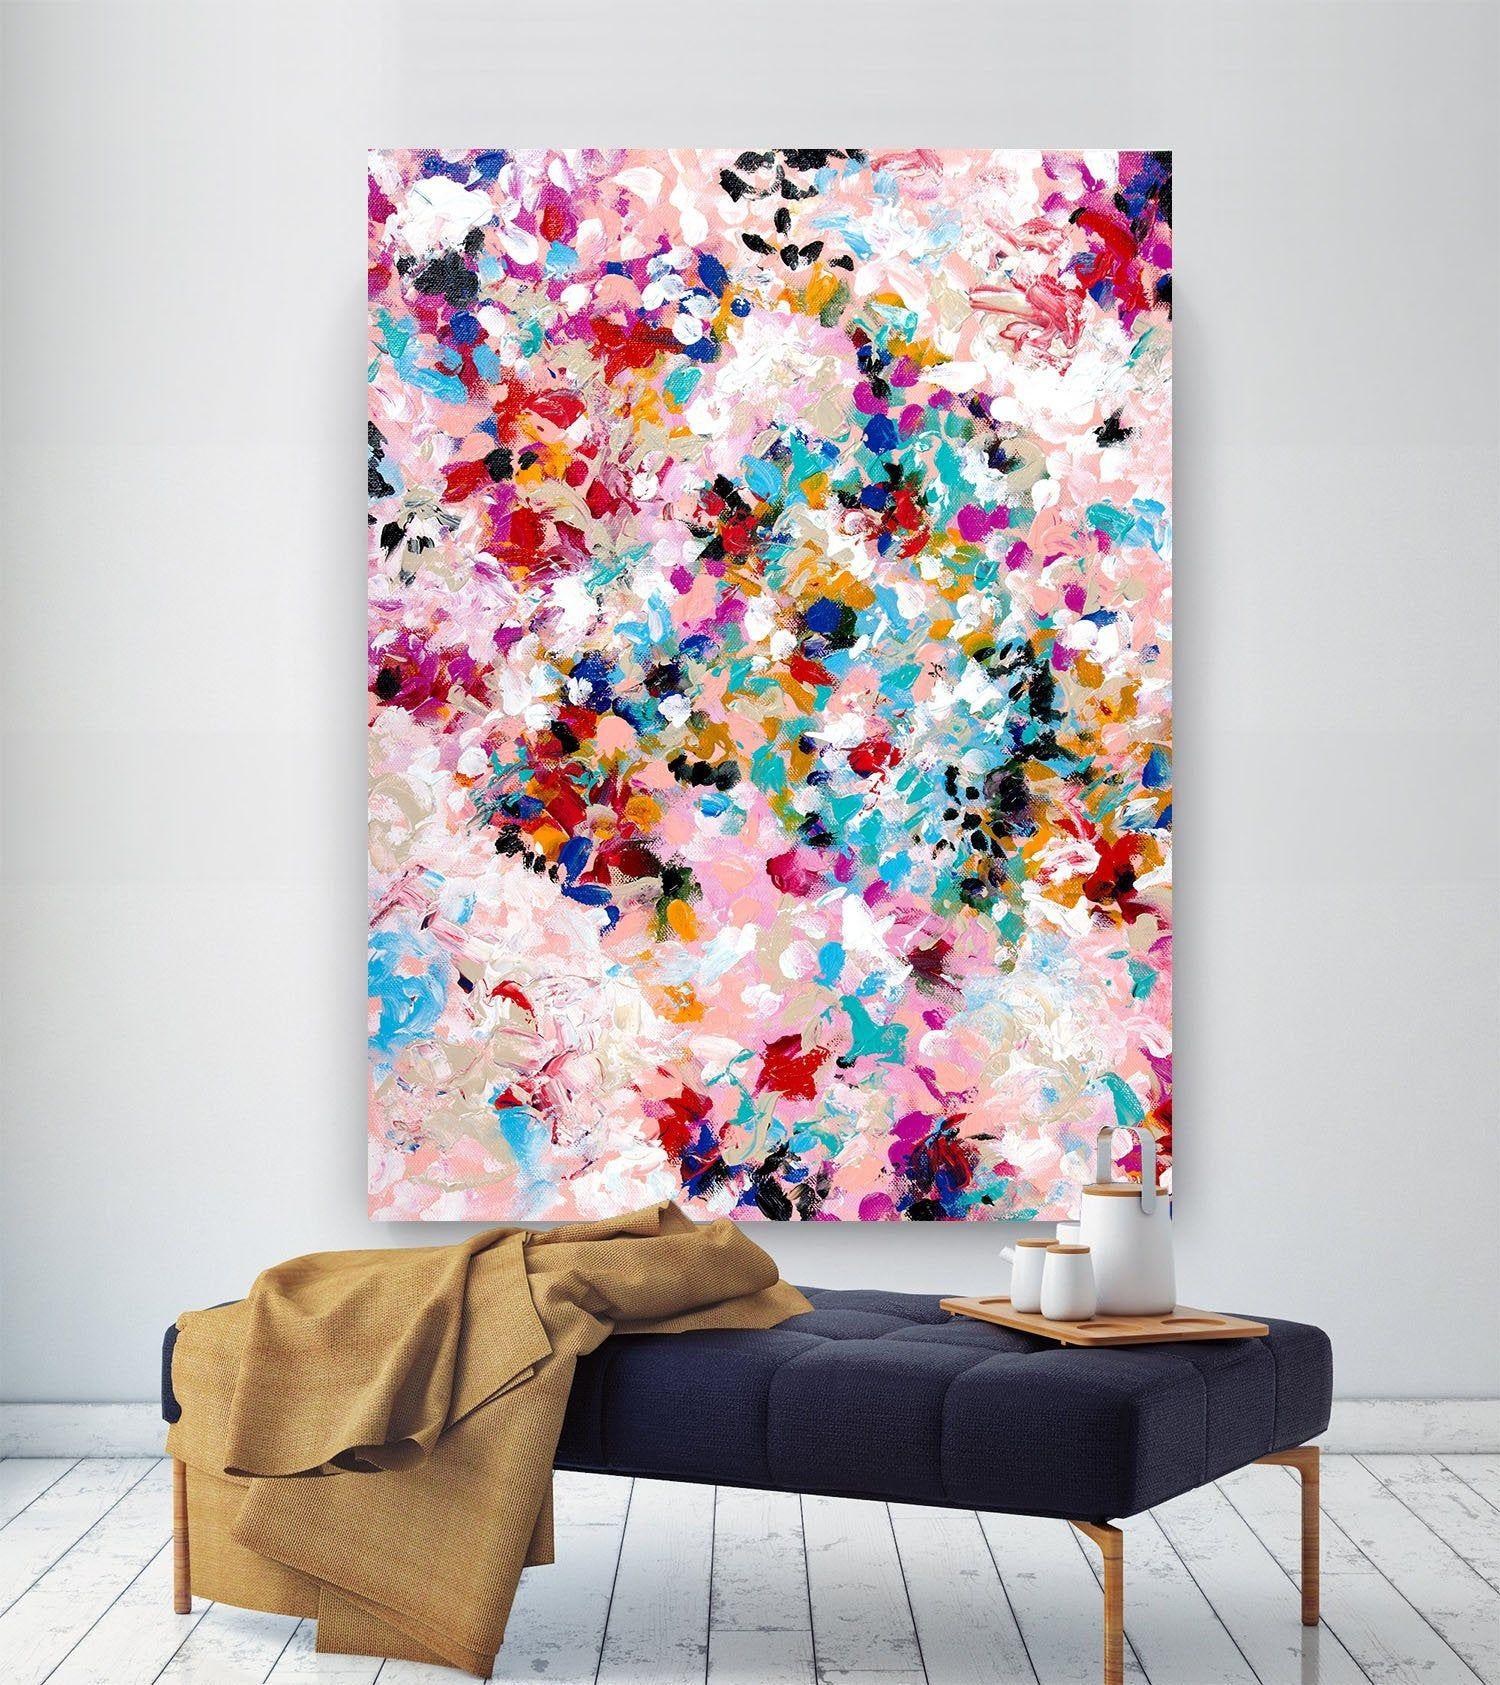 Extra große Wandkunst auf Leinwand, Original abstrakte Gemälde, zeitgenössische Kunst, Mdoern Wohnzimmer Dekor, Büro Oversize Kunstwerke lac637